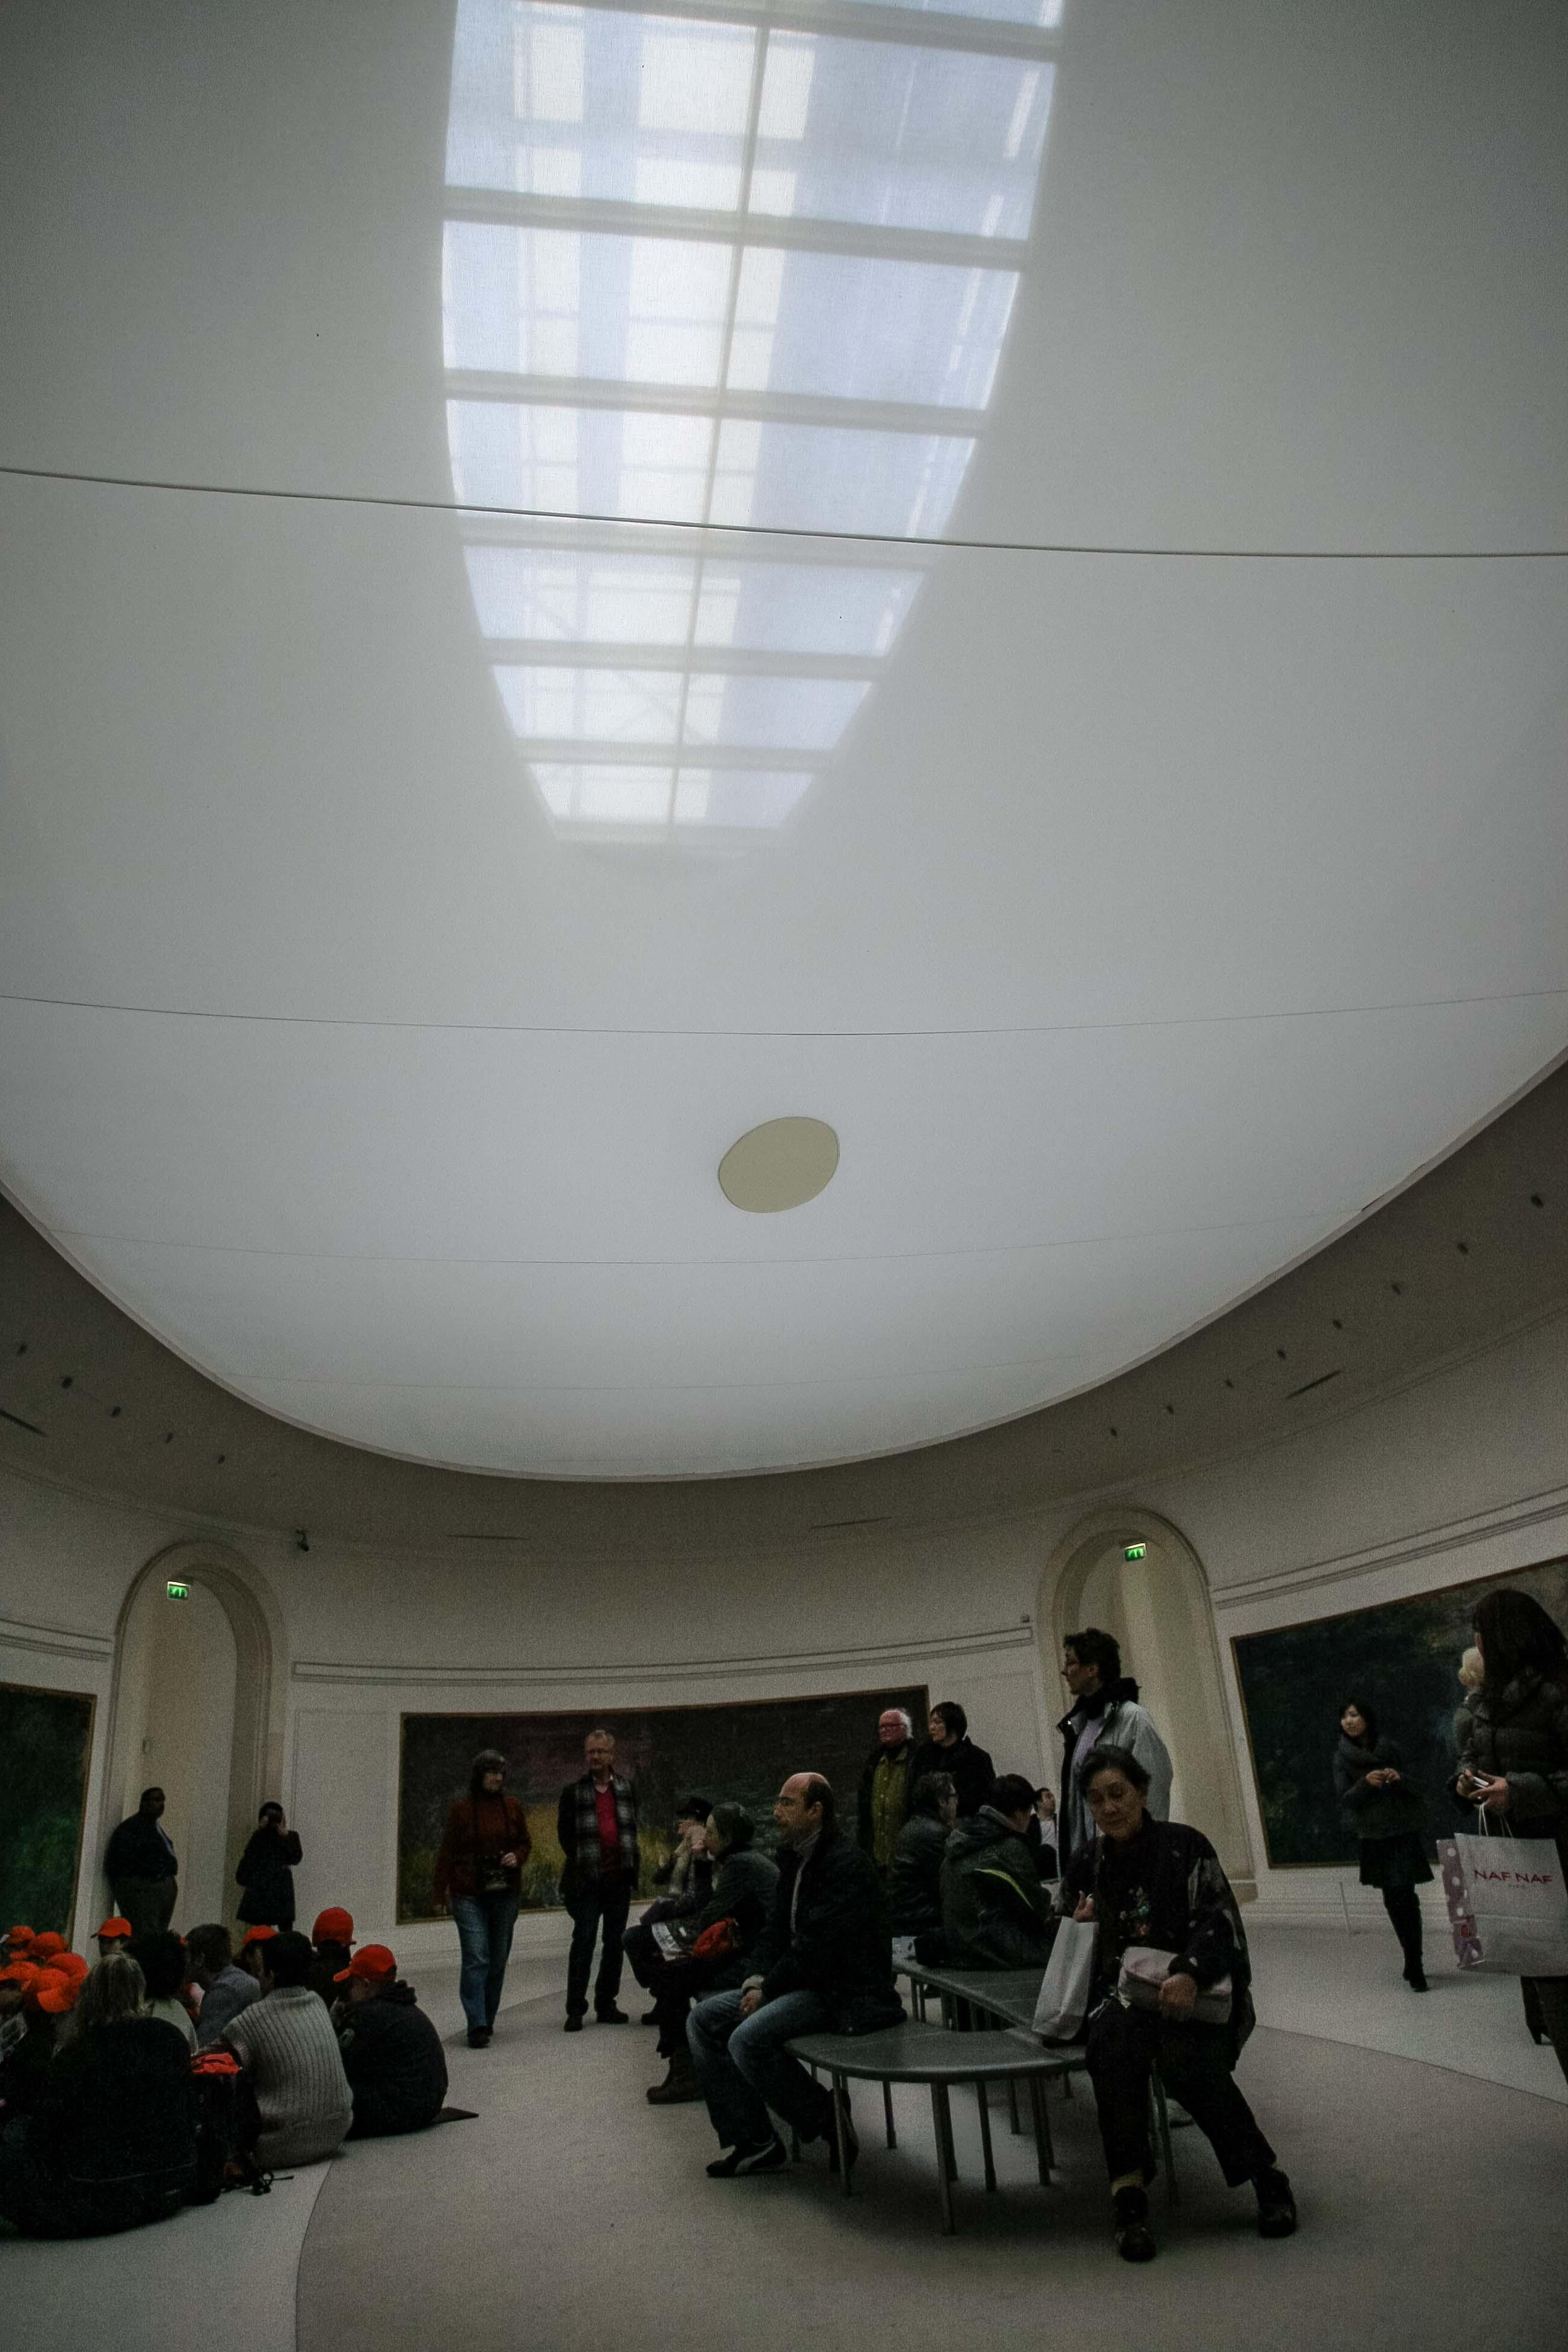 【フランス旅行】パリ オランジュリー美術館 モネの間の天井